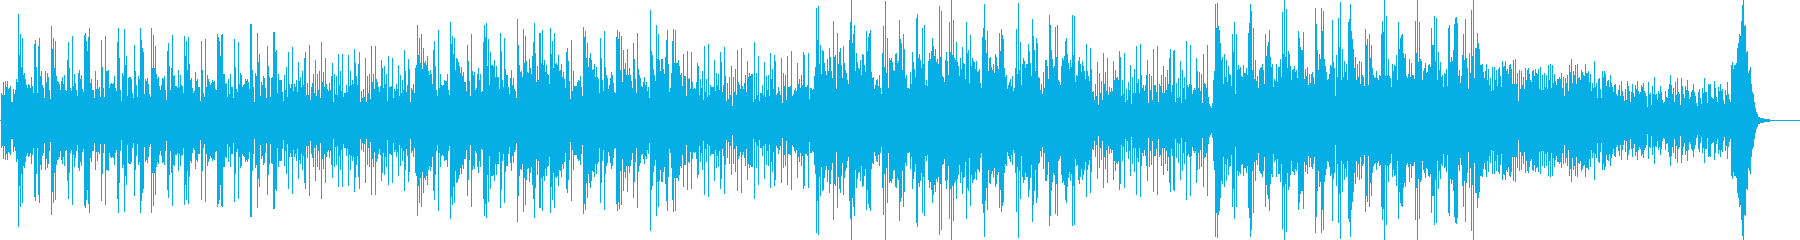 ジルチを作ったとき、私は波状の雰囲...の再生済みの波形